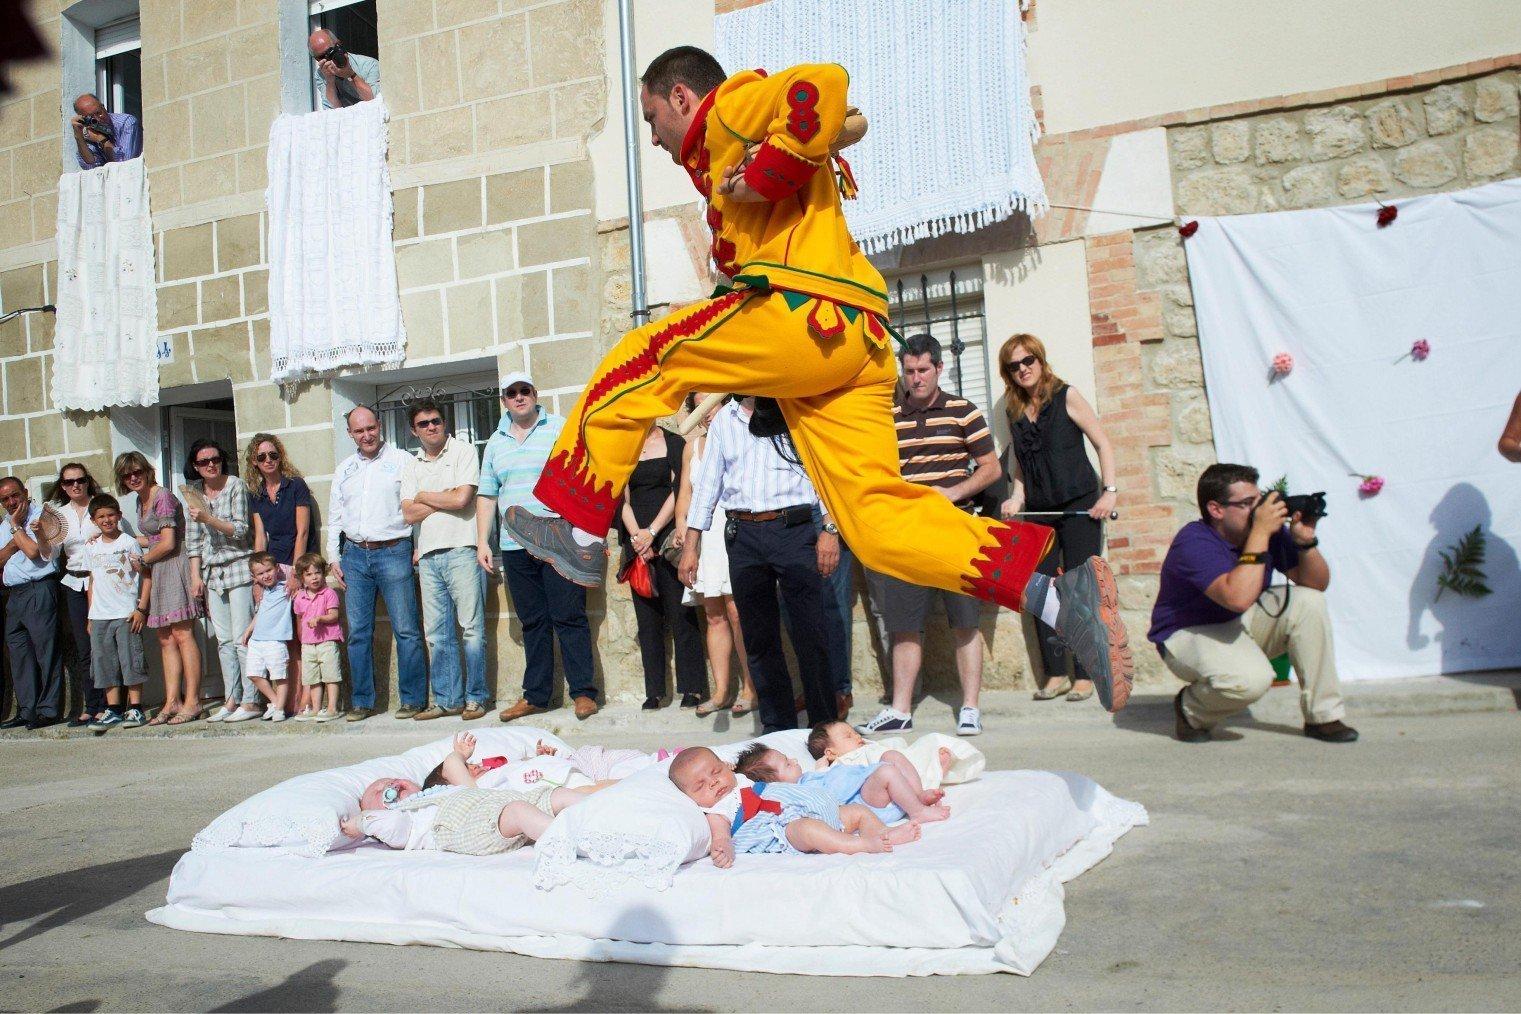 El Colacho (Baby Jumping), Burgos. Прыжки через детей. Испания.